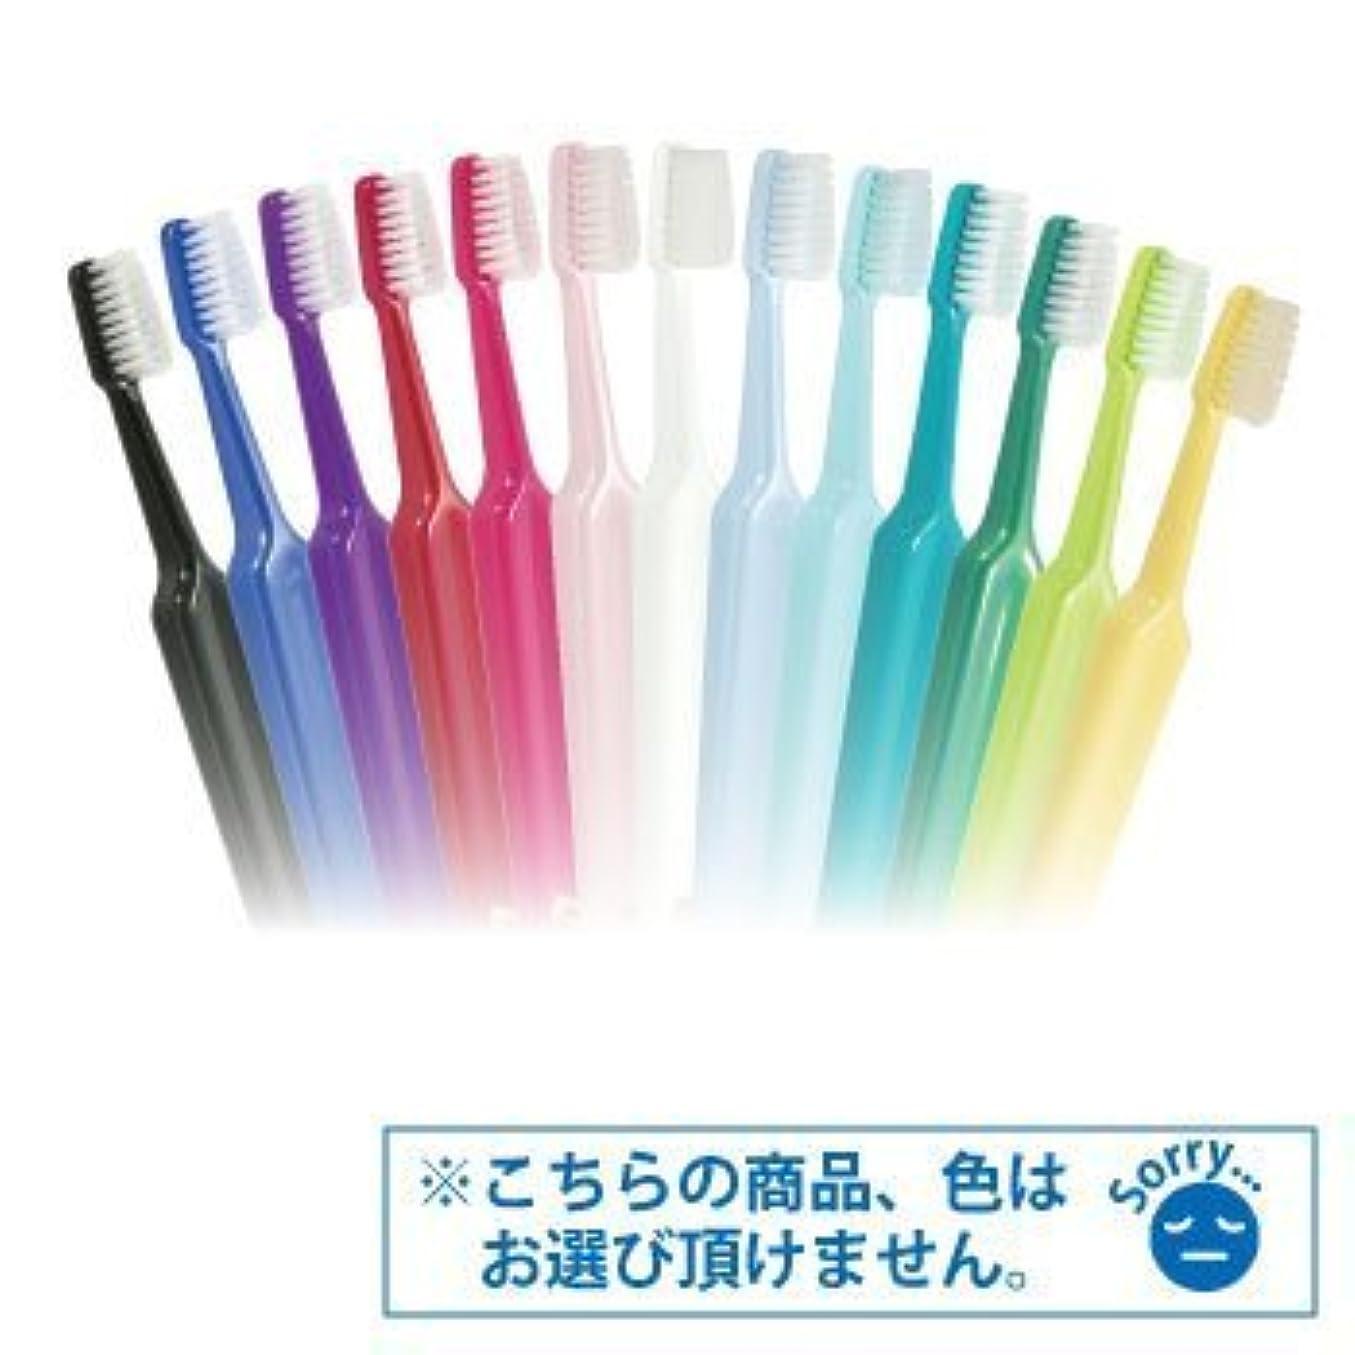 サイクロプスひまわりレパートリーTepe歯ブラシ セレクトコンパクト /ソフト 30本入り